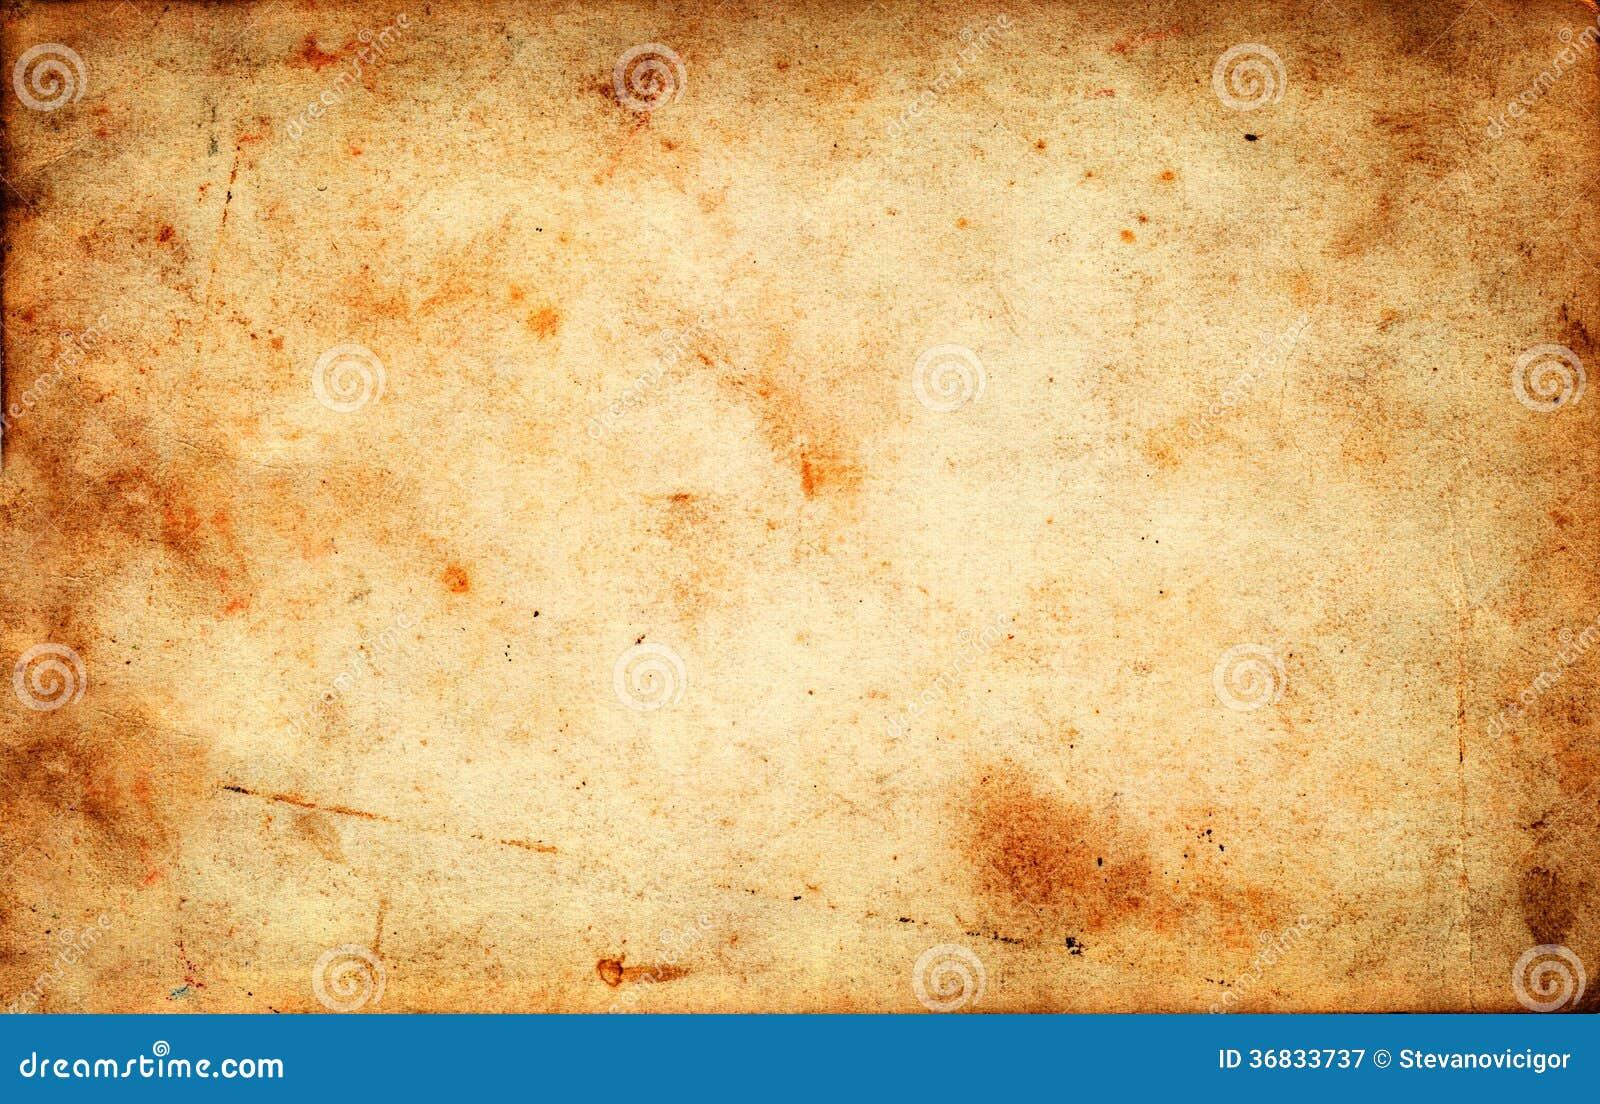 Uitstekende grunge oude document textuur als achtergrond